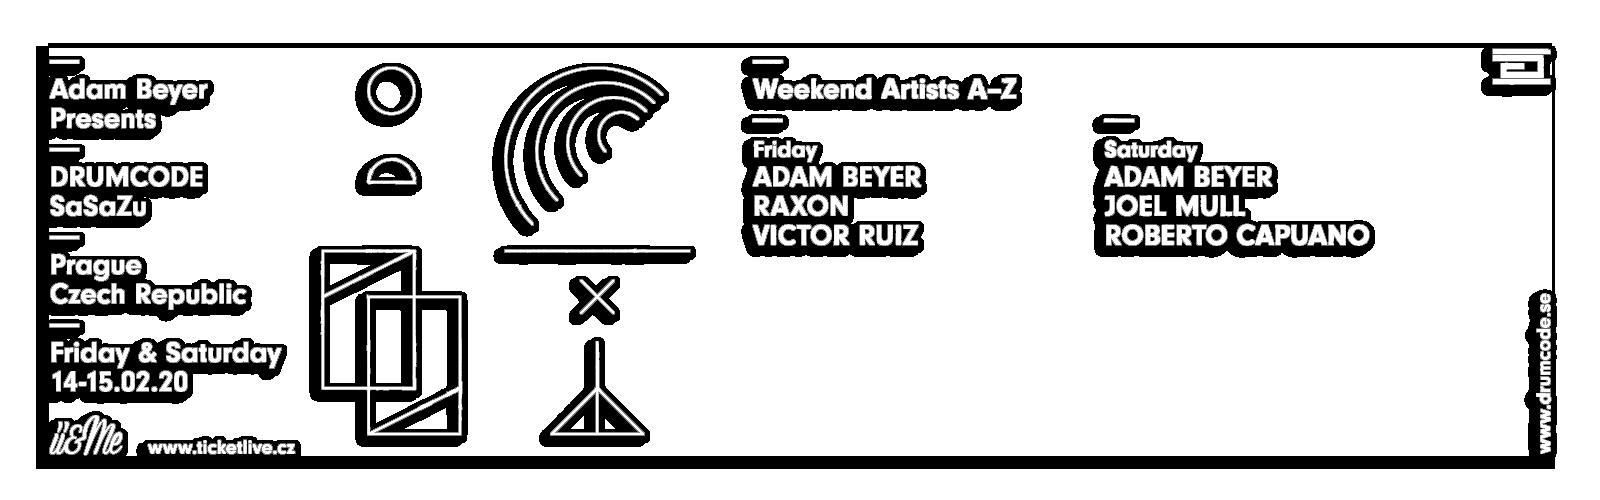 Adam Beyer DRUMCODE WEEKEND Praha 2020